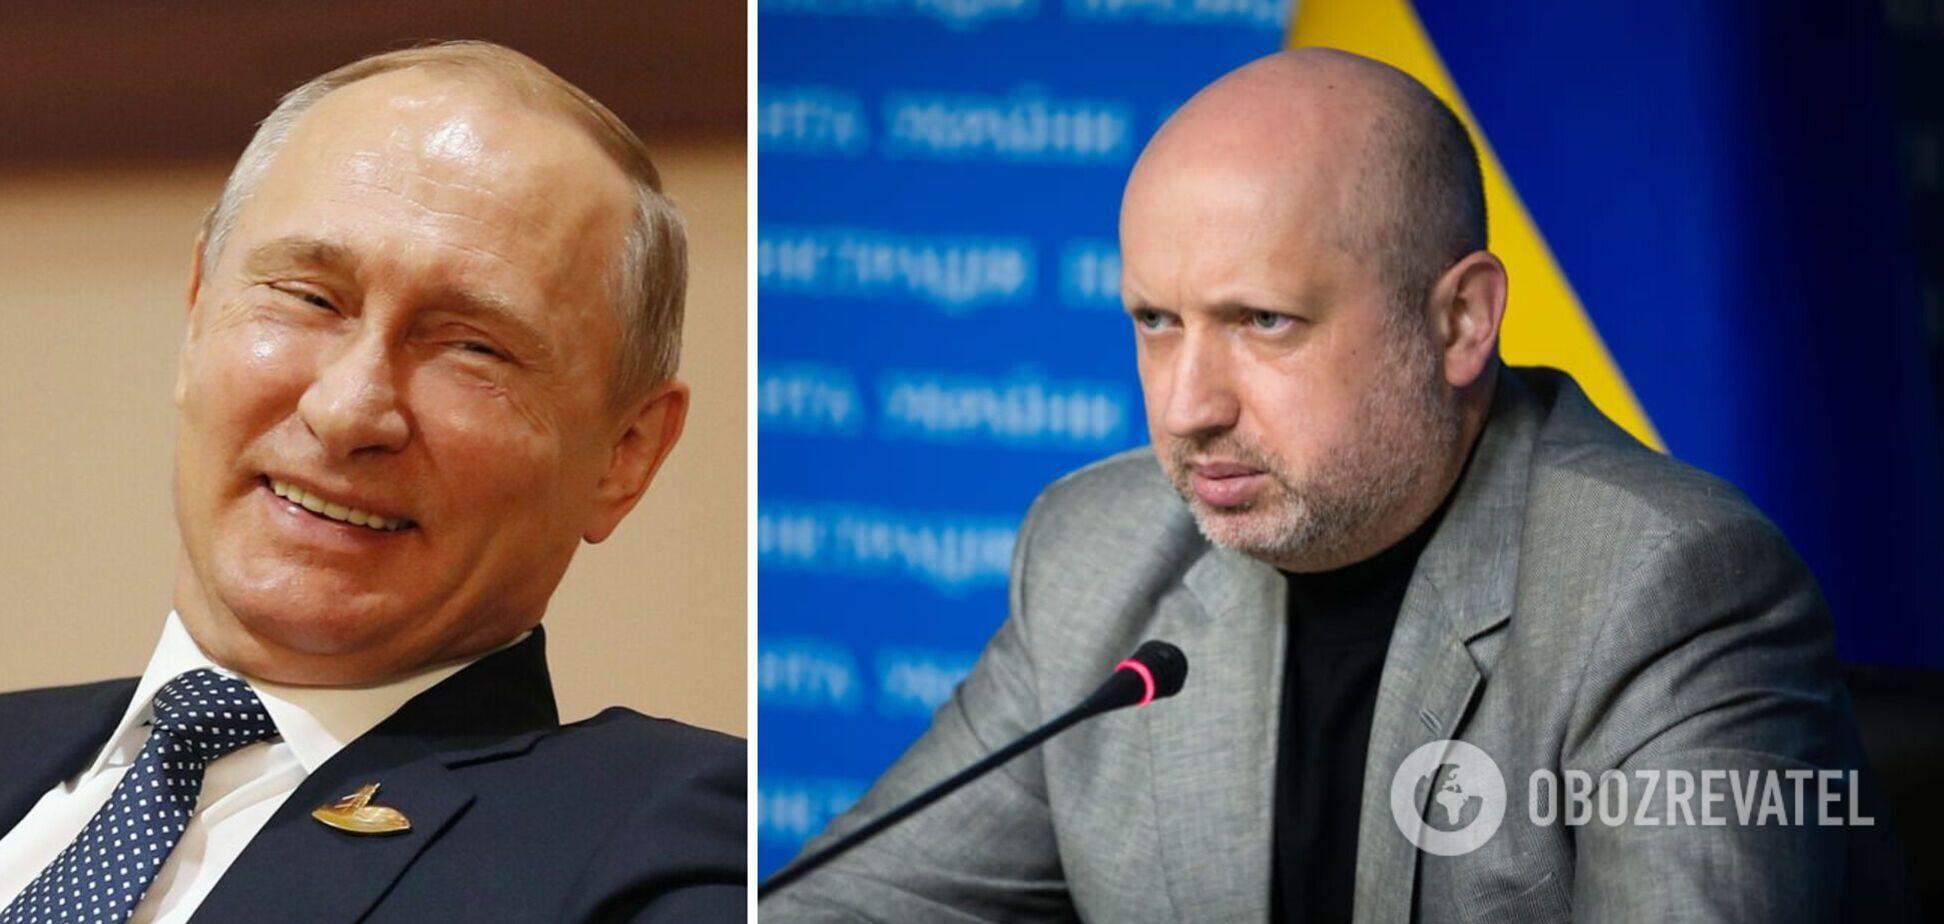 Турчинов: окружению Путина больше всего подходит образ киплинговских 'бандерлогов'